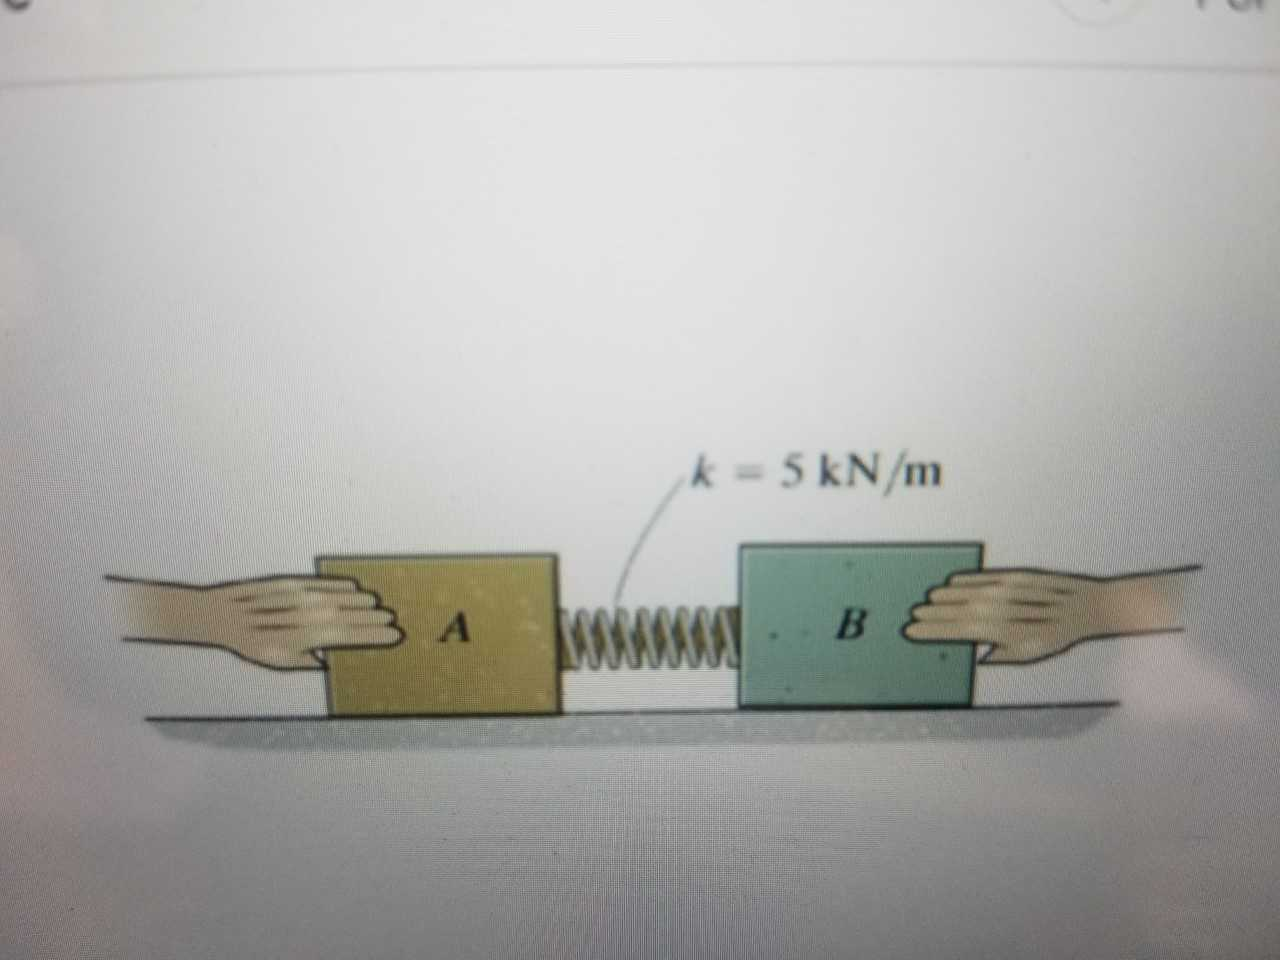 k 5 kN/nm